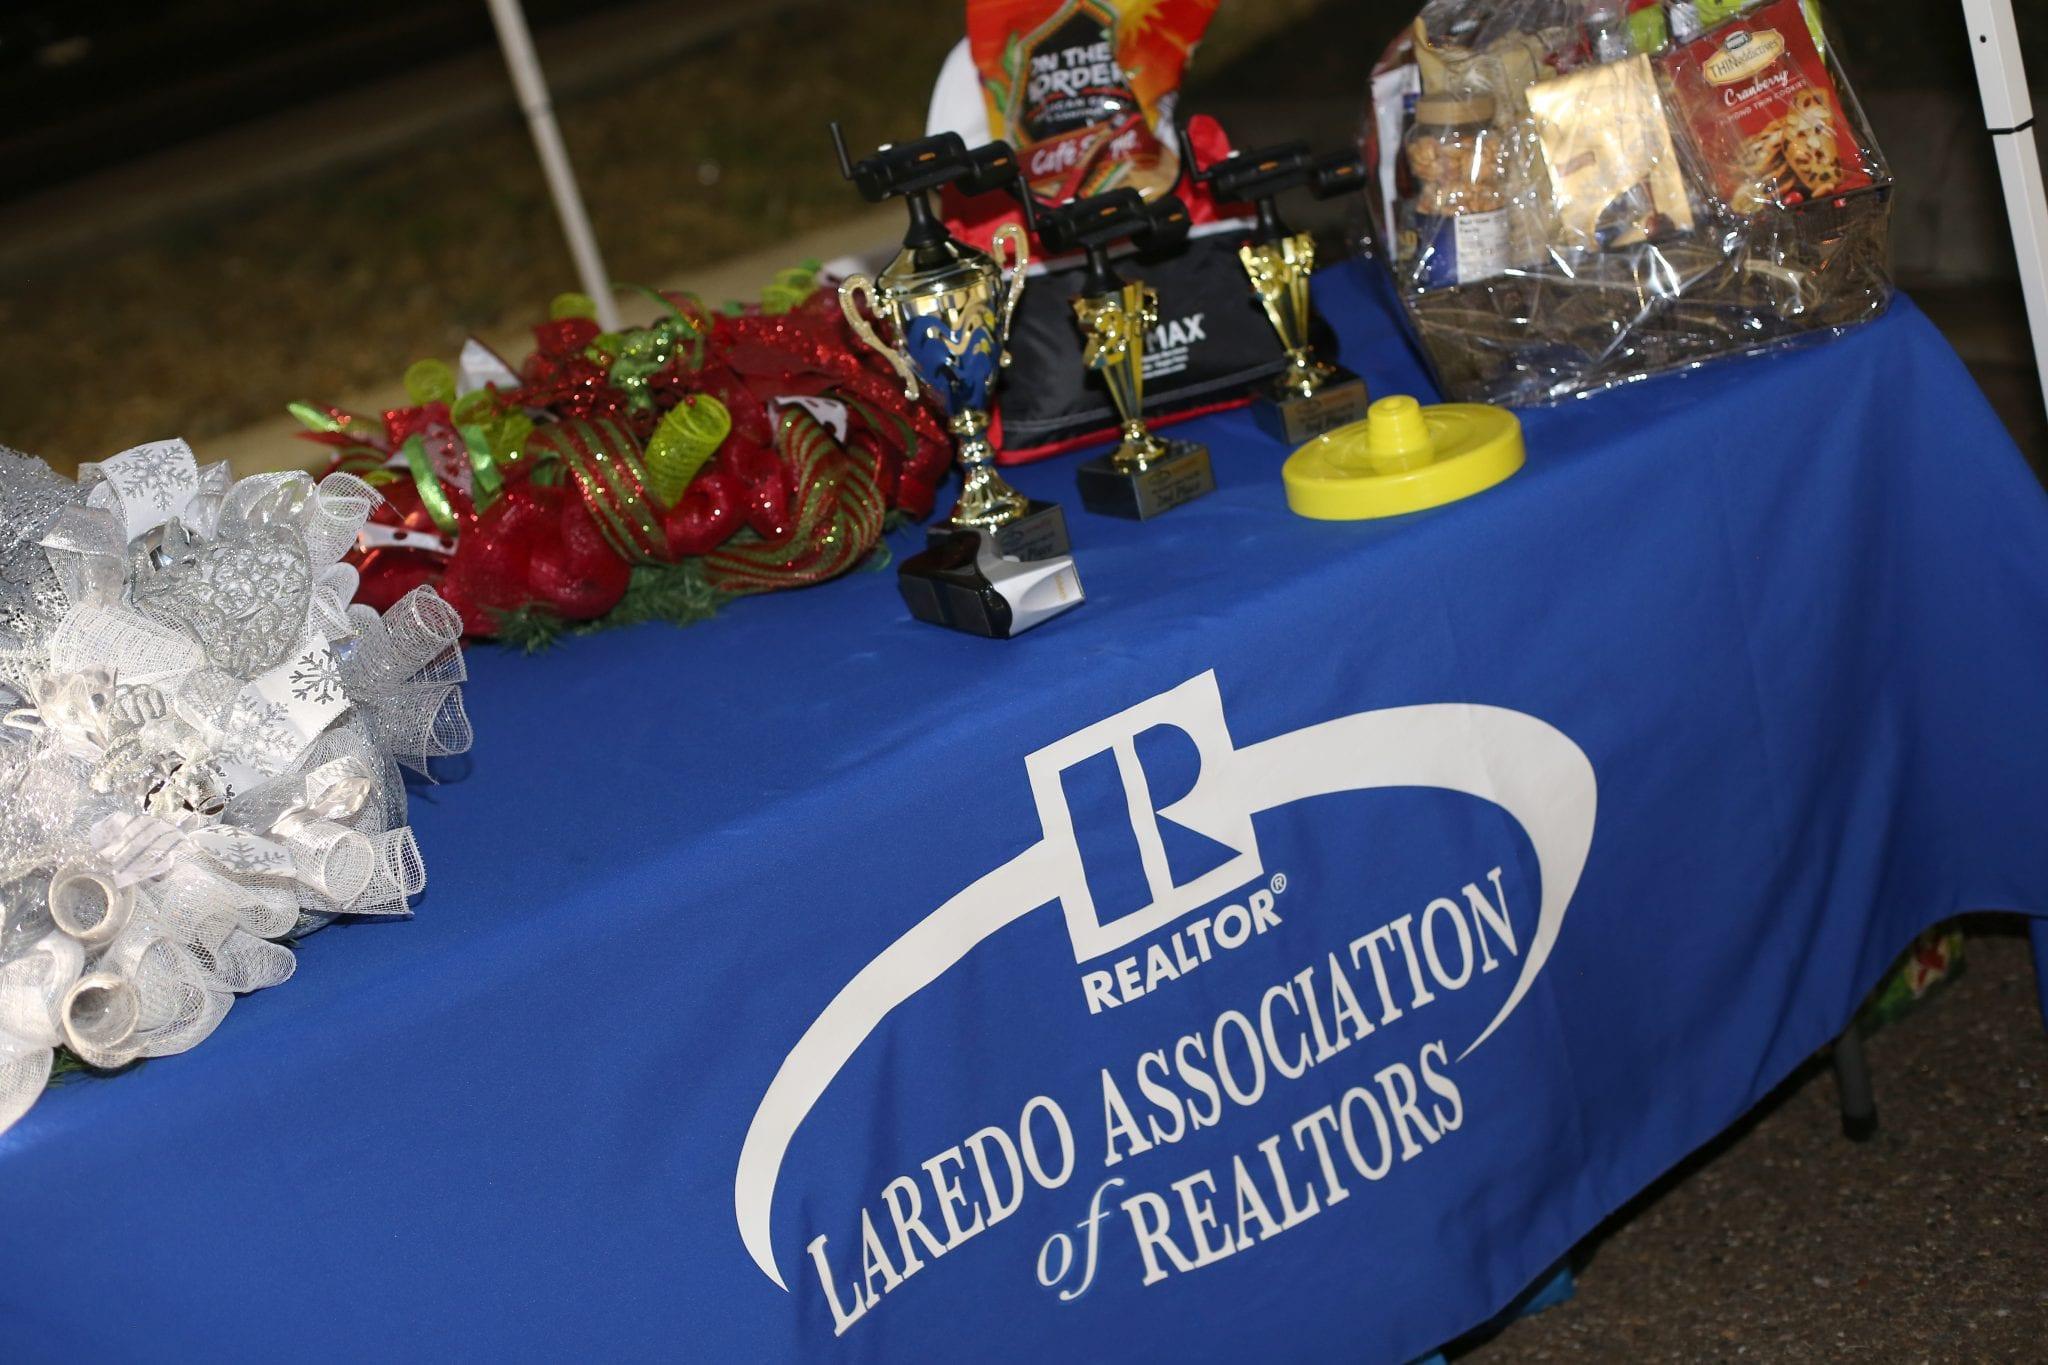 Laredo Realtor - Gallery232